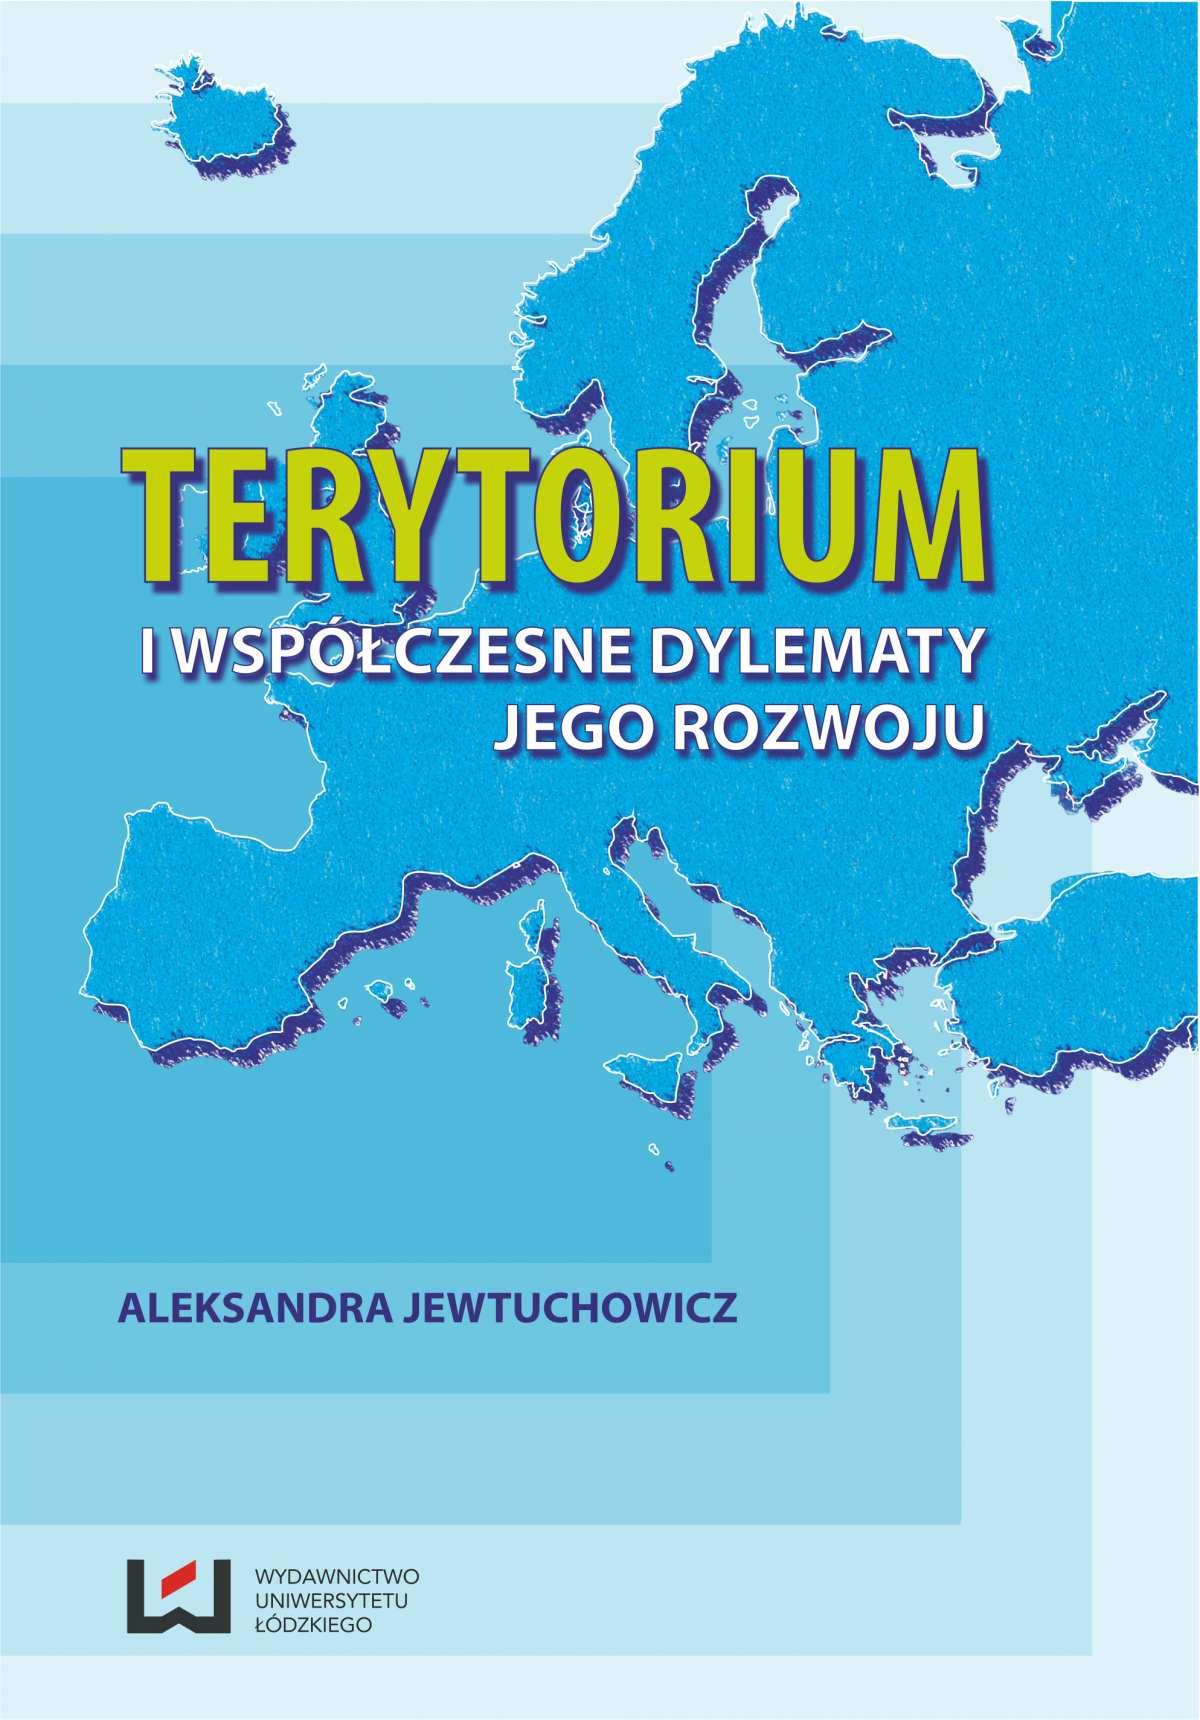 Terytorium i współczesne dylematy jego rozwoju - Ebook (Książka PDF) do pobrania w formacie PDF